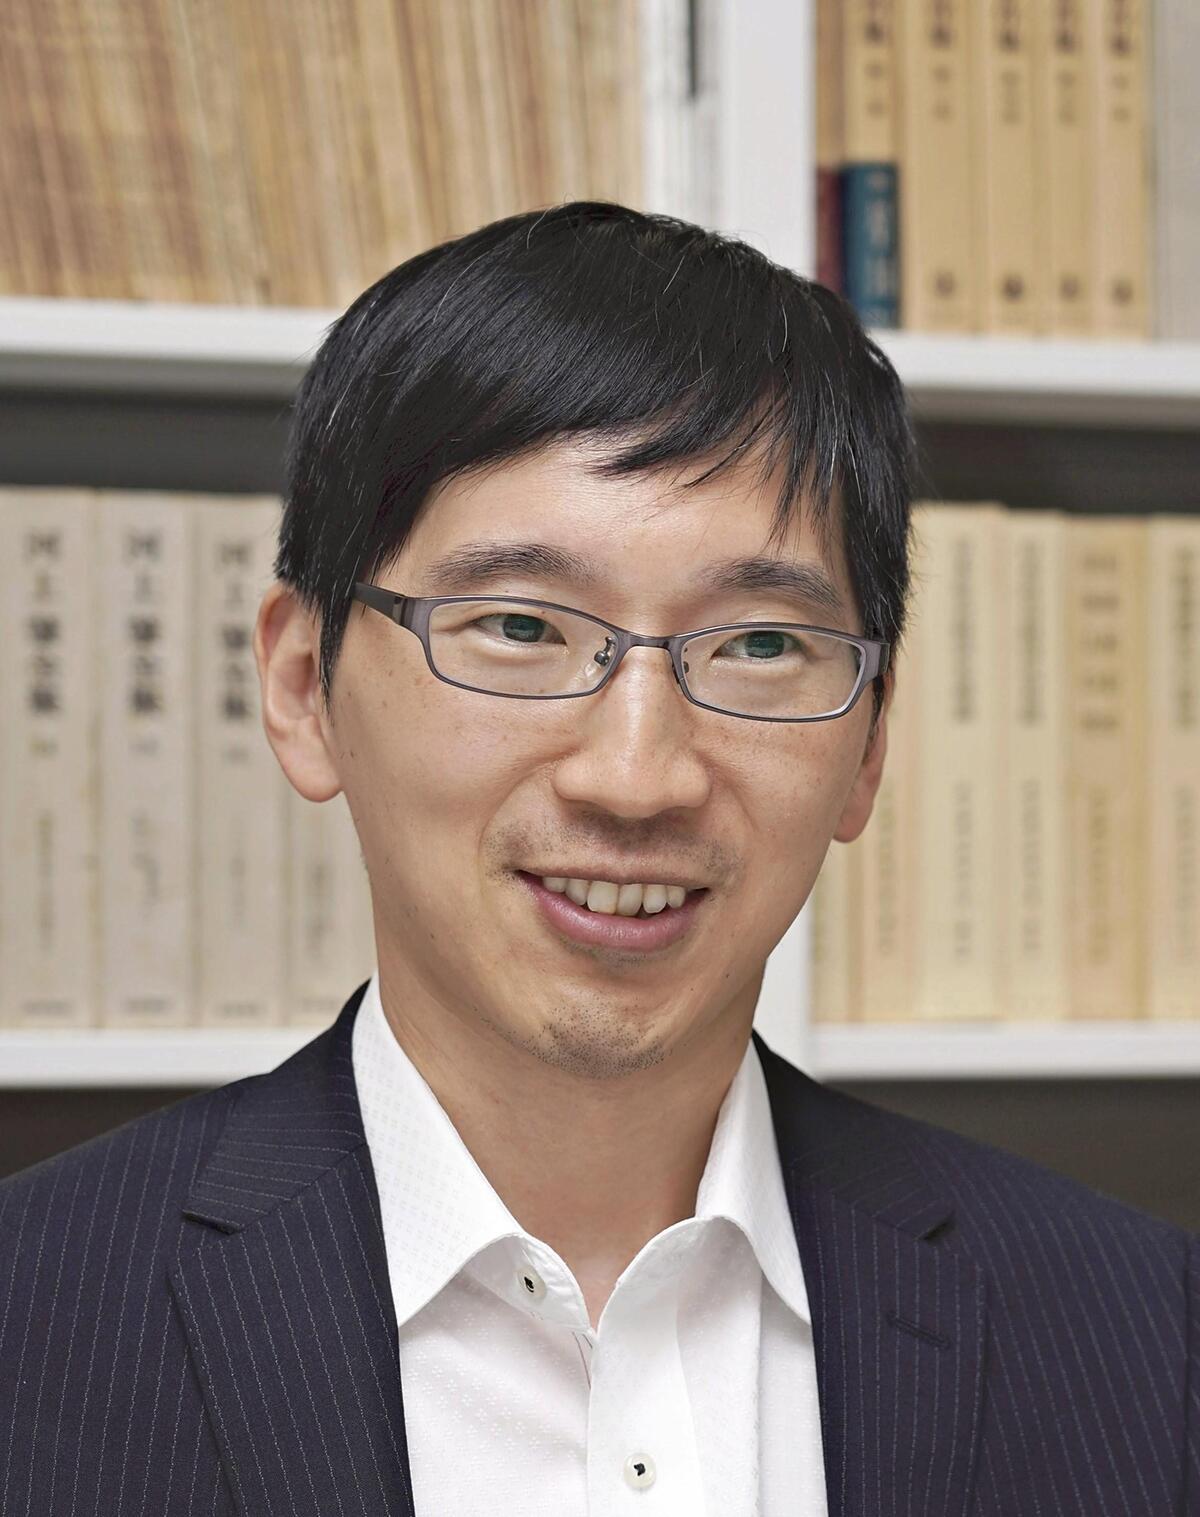 第20回読売・吉野作造賞『経済学者たちの日米開戦』 現代的な問題を ...